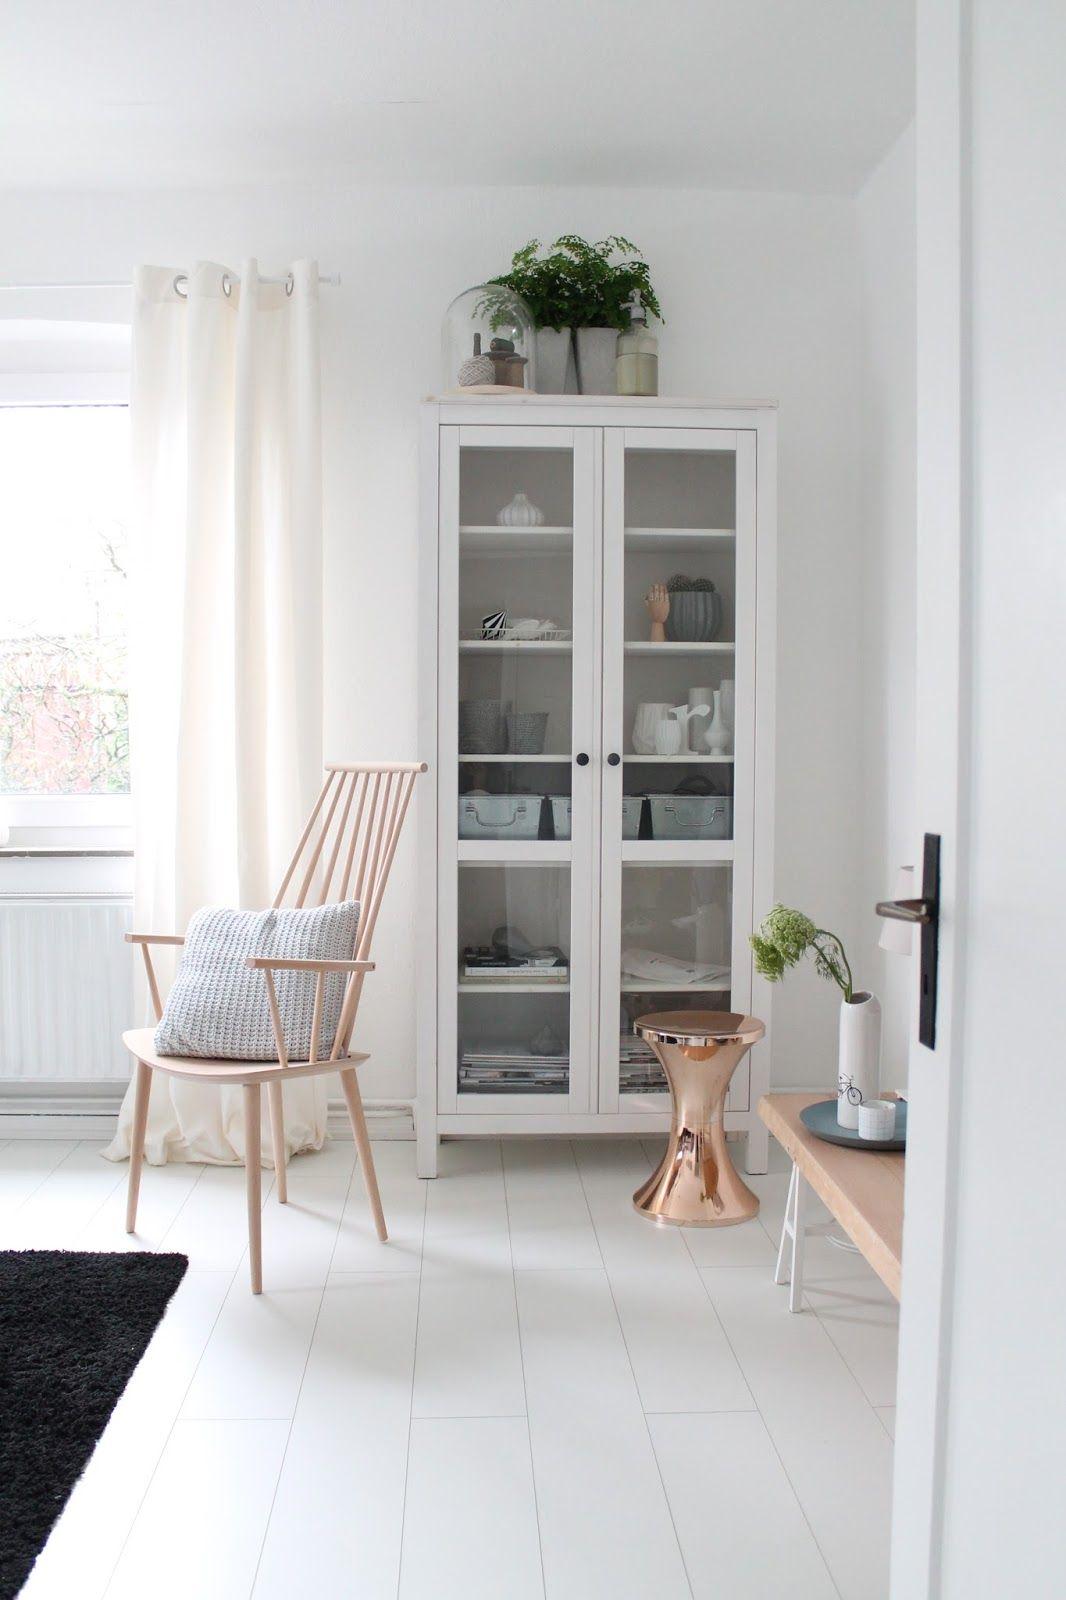 Marvelous Erkunde Wohnung Gestalten Wohnzimmer Ideen und noch mehr